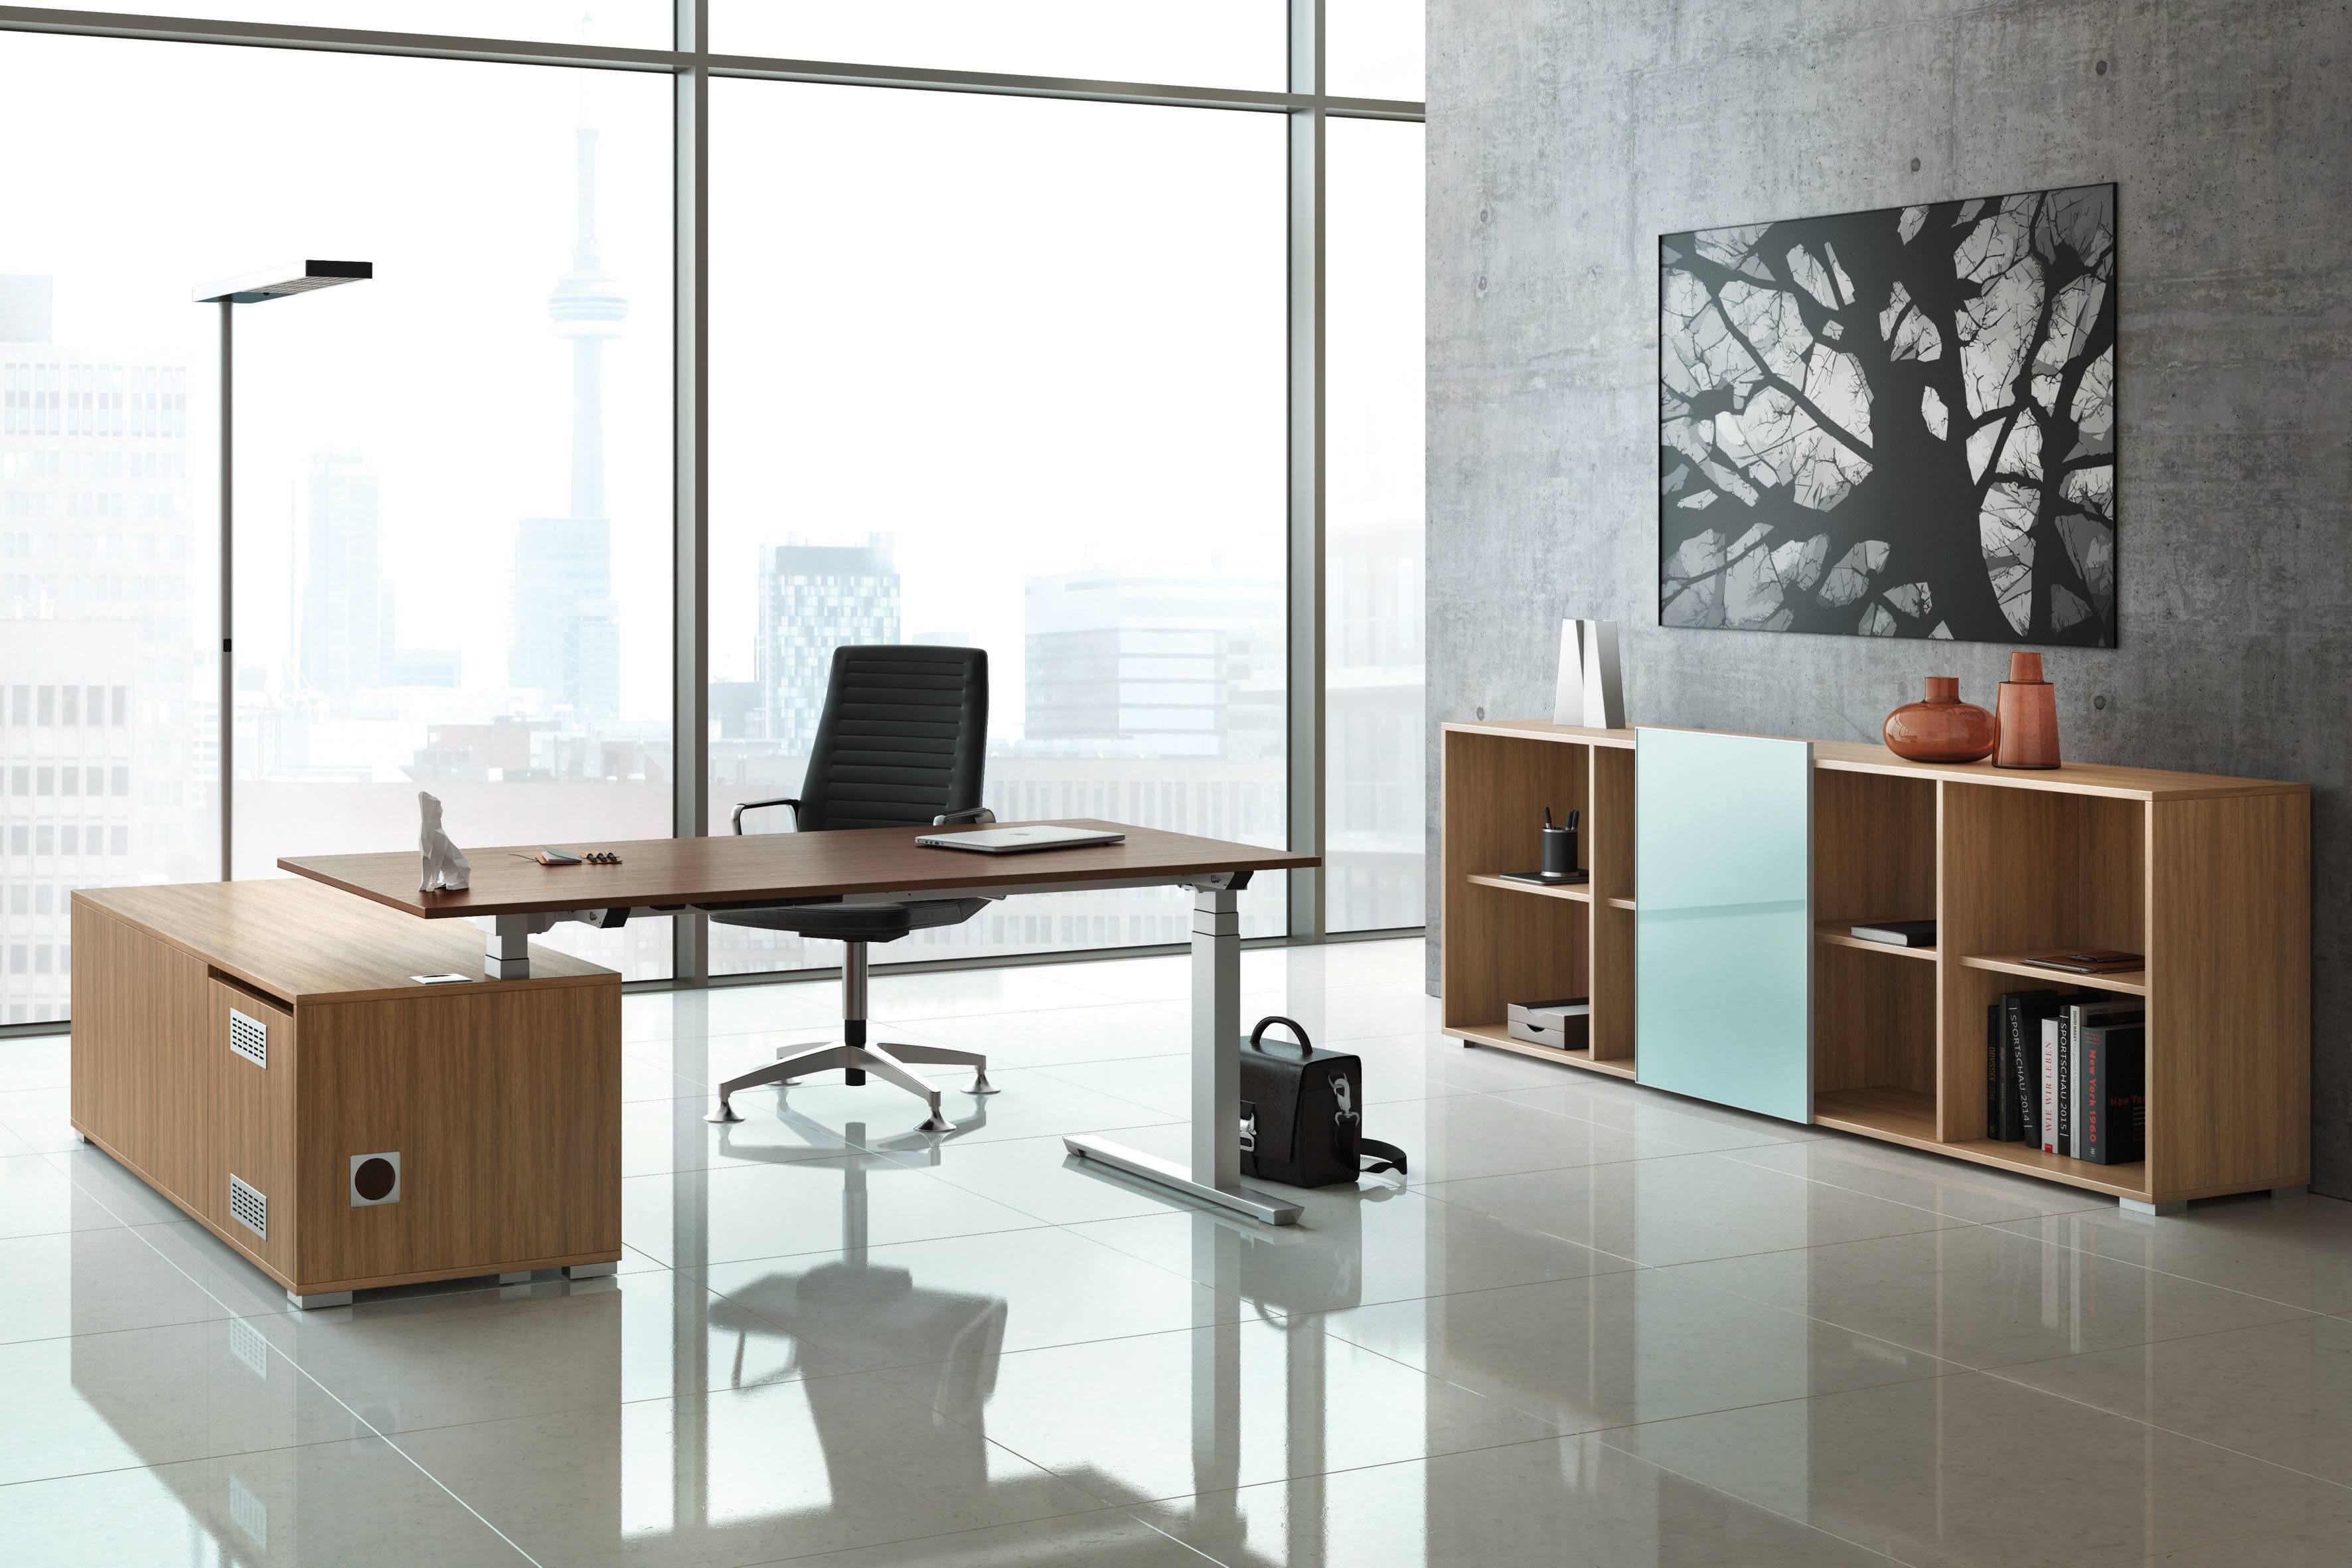 motortisch, chefzimmer, augsburg (mit bildern) | design